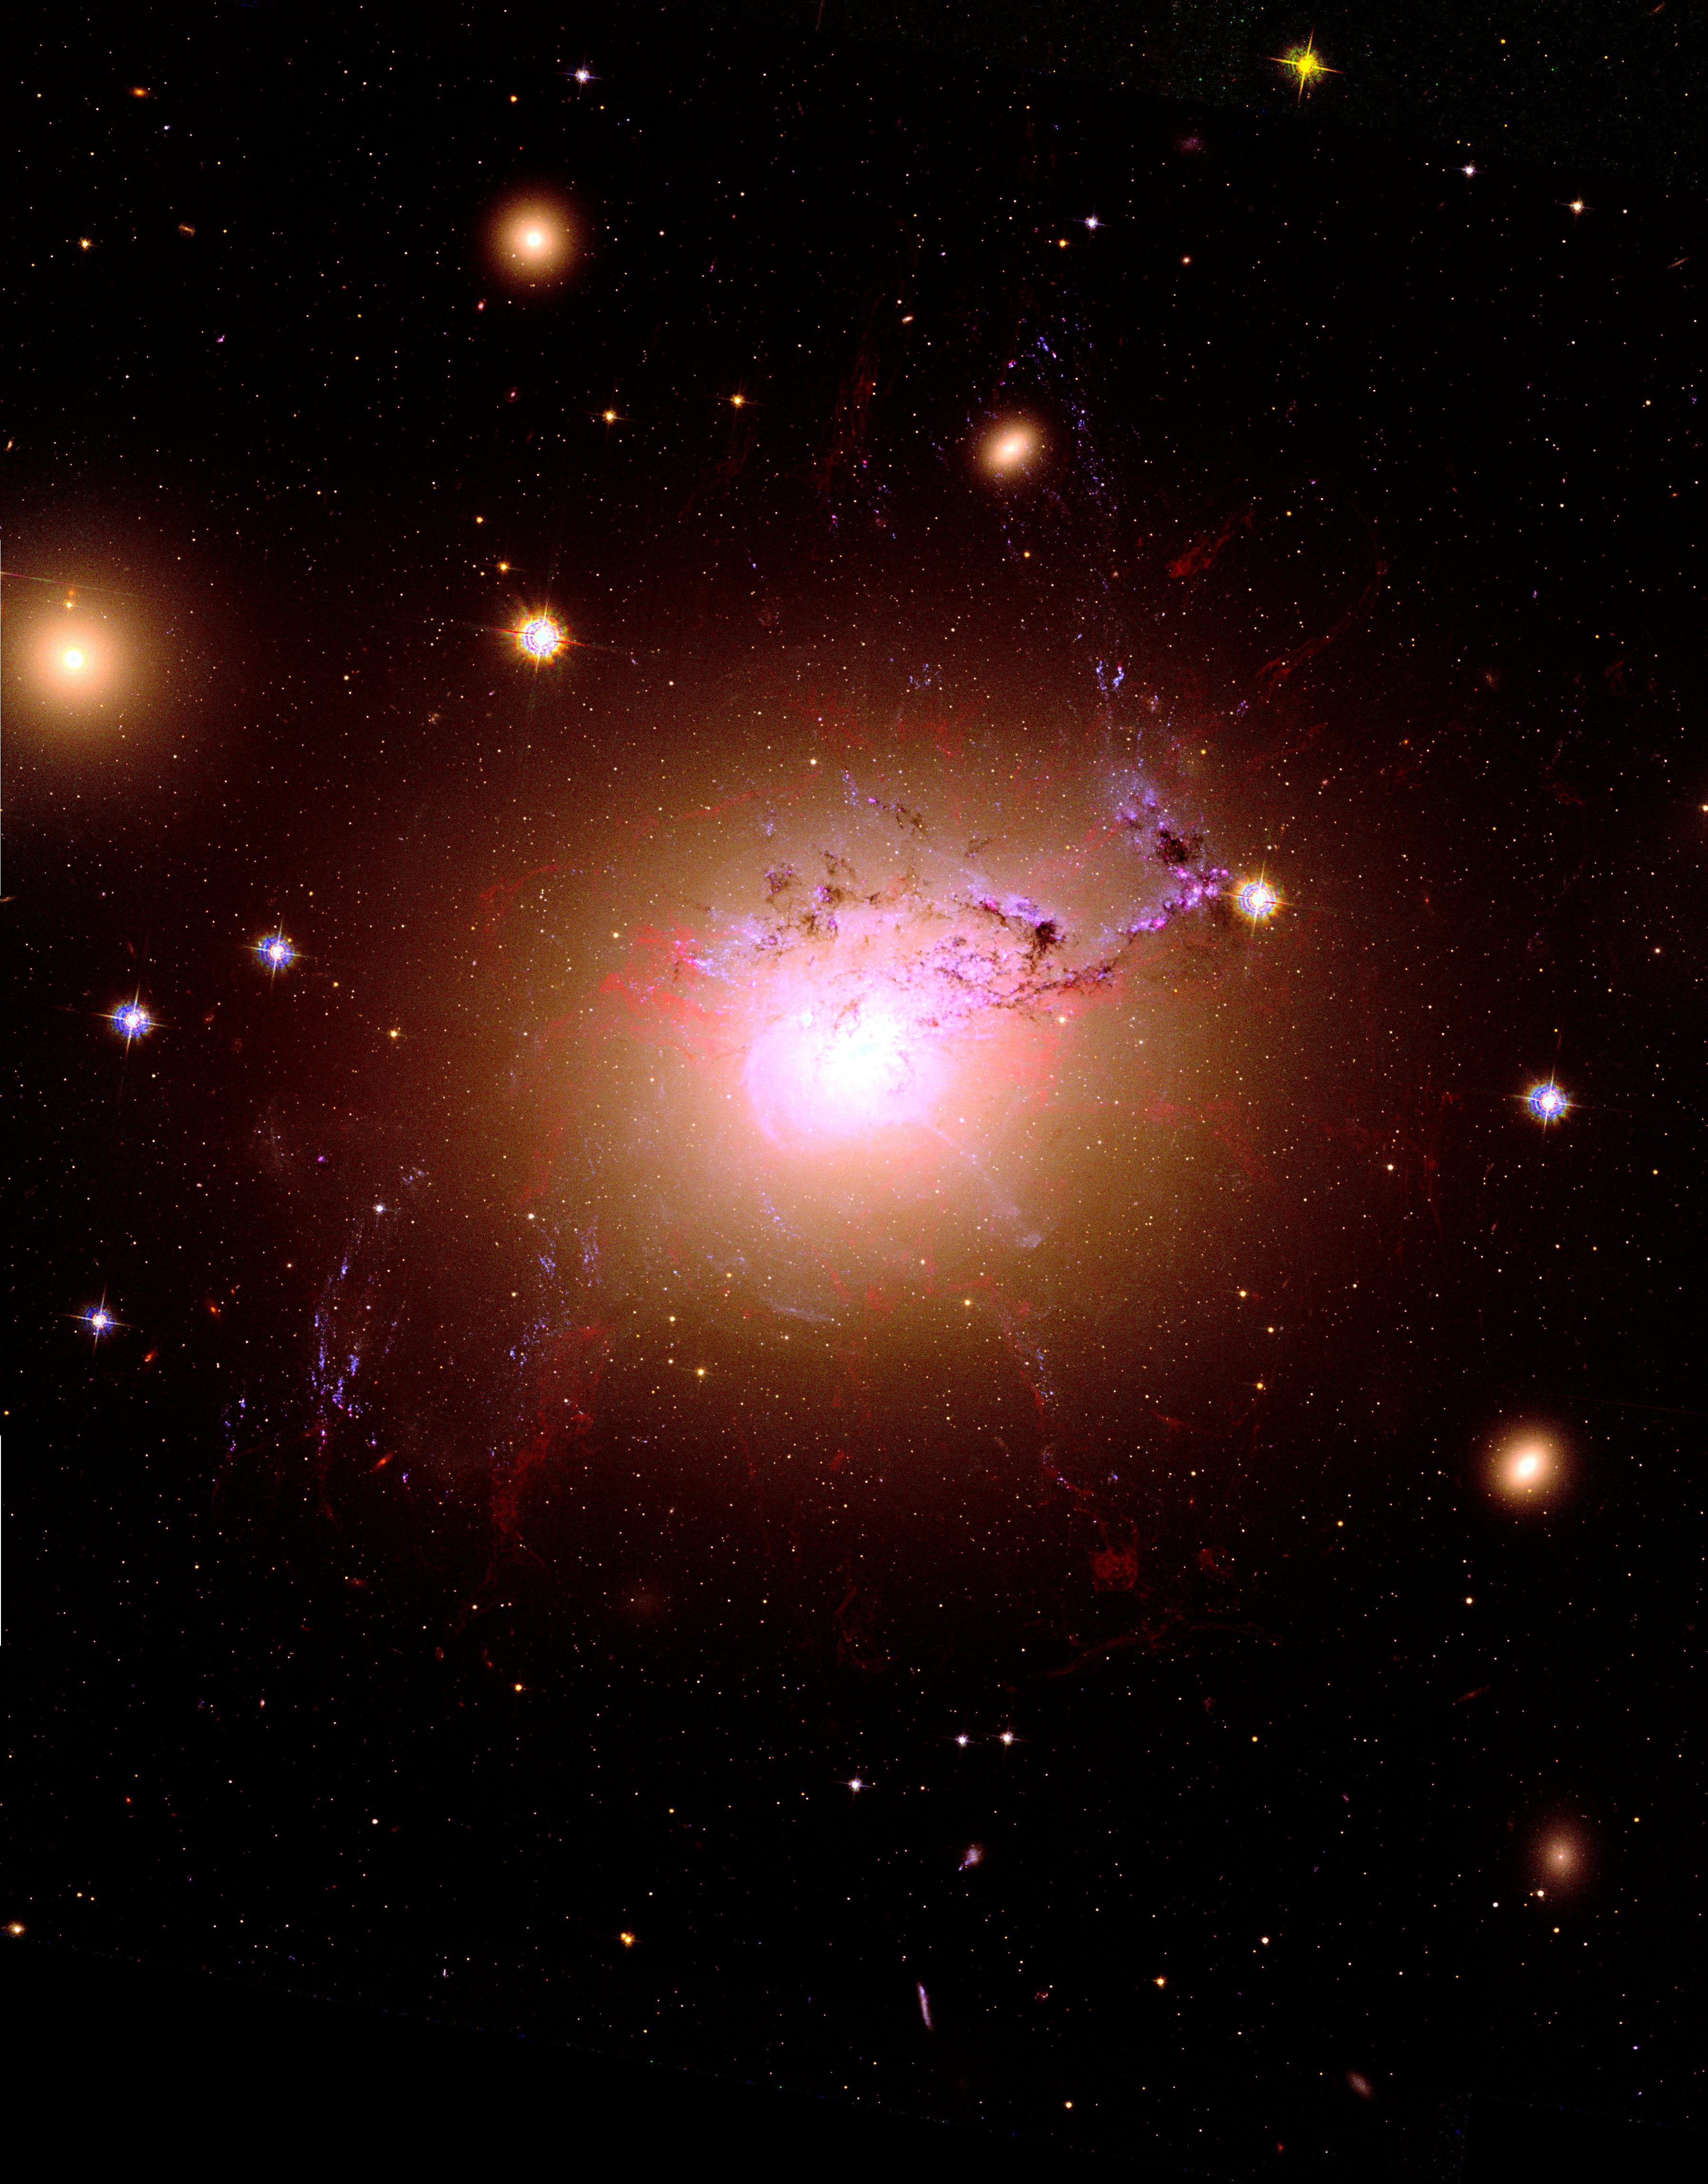 Blue giant stars